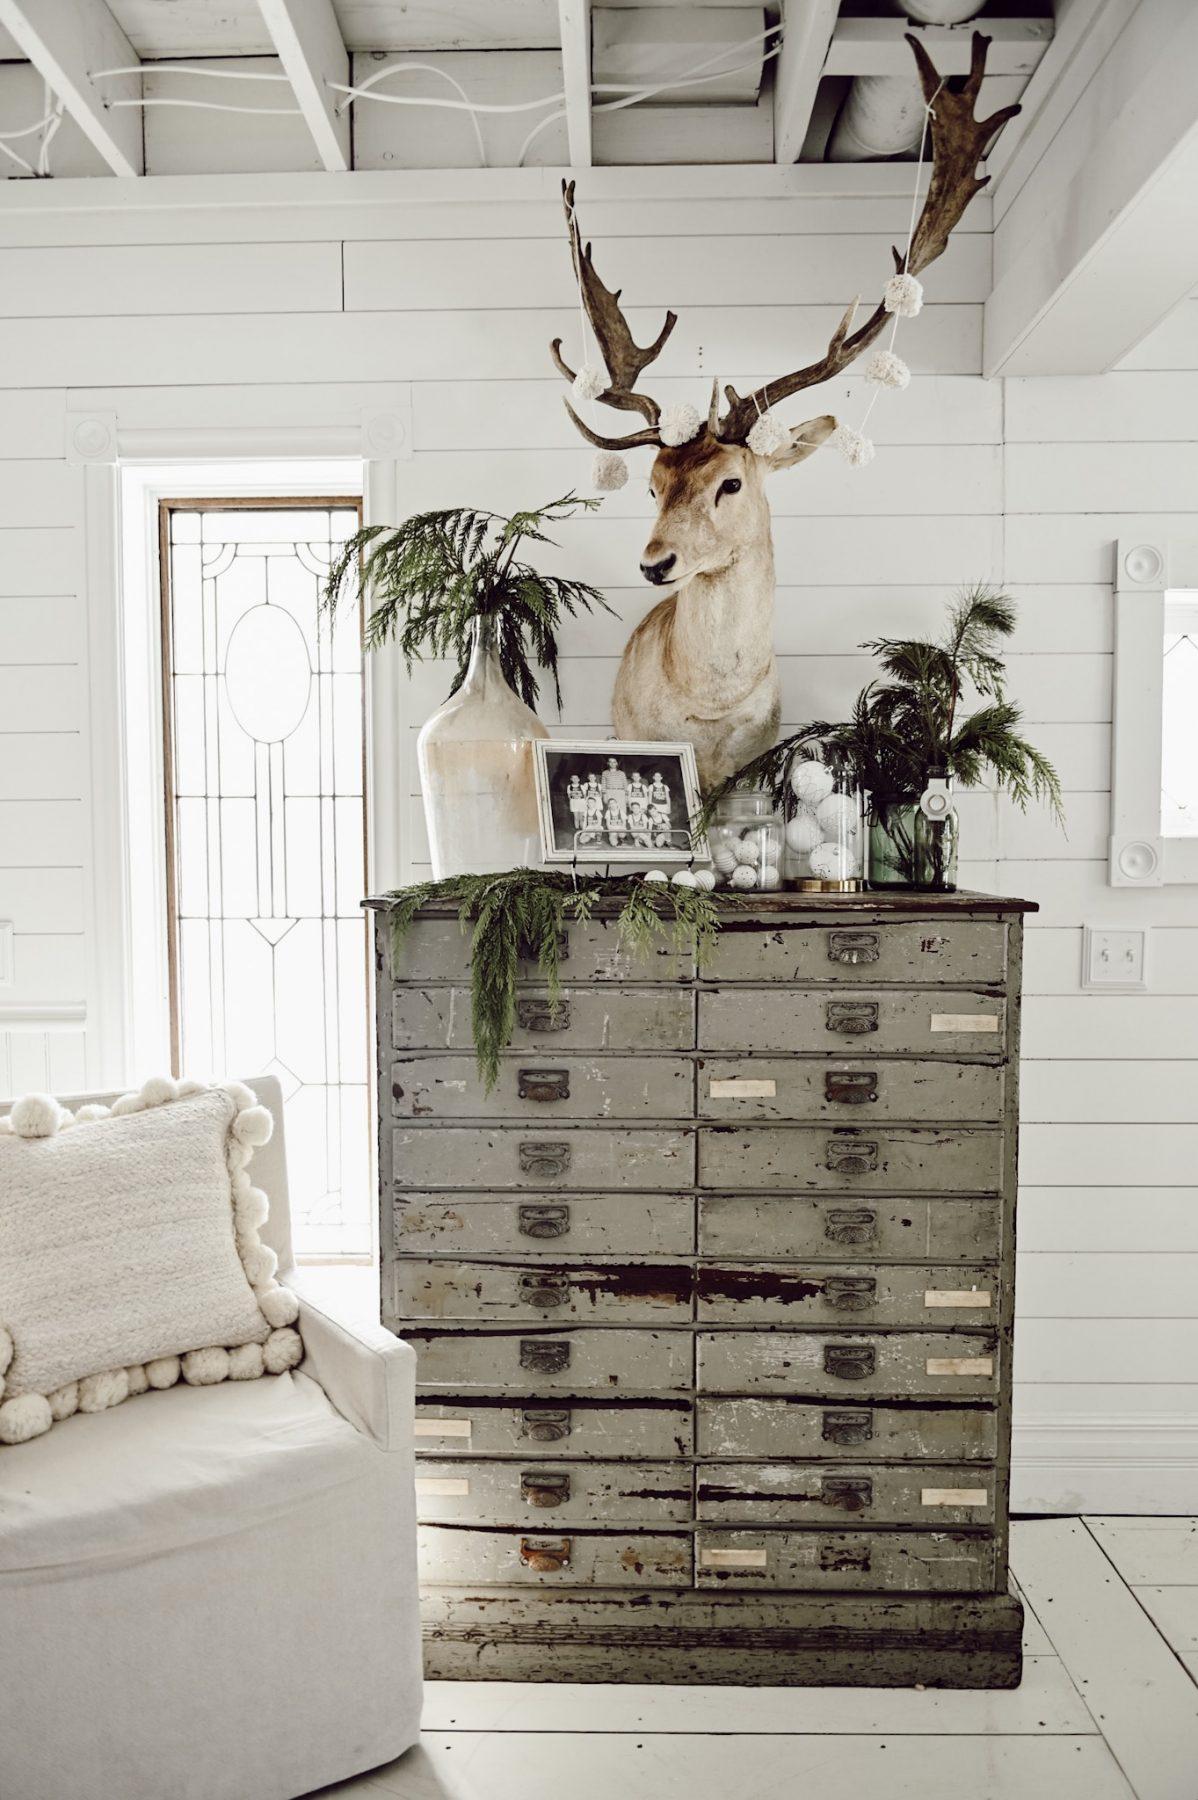 Vintage Christmas Deer Vignette